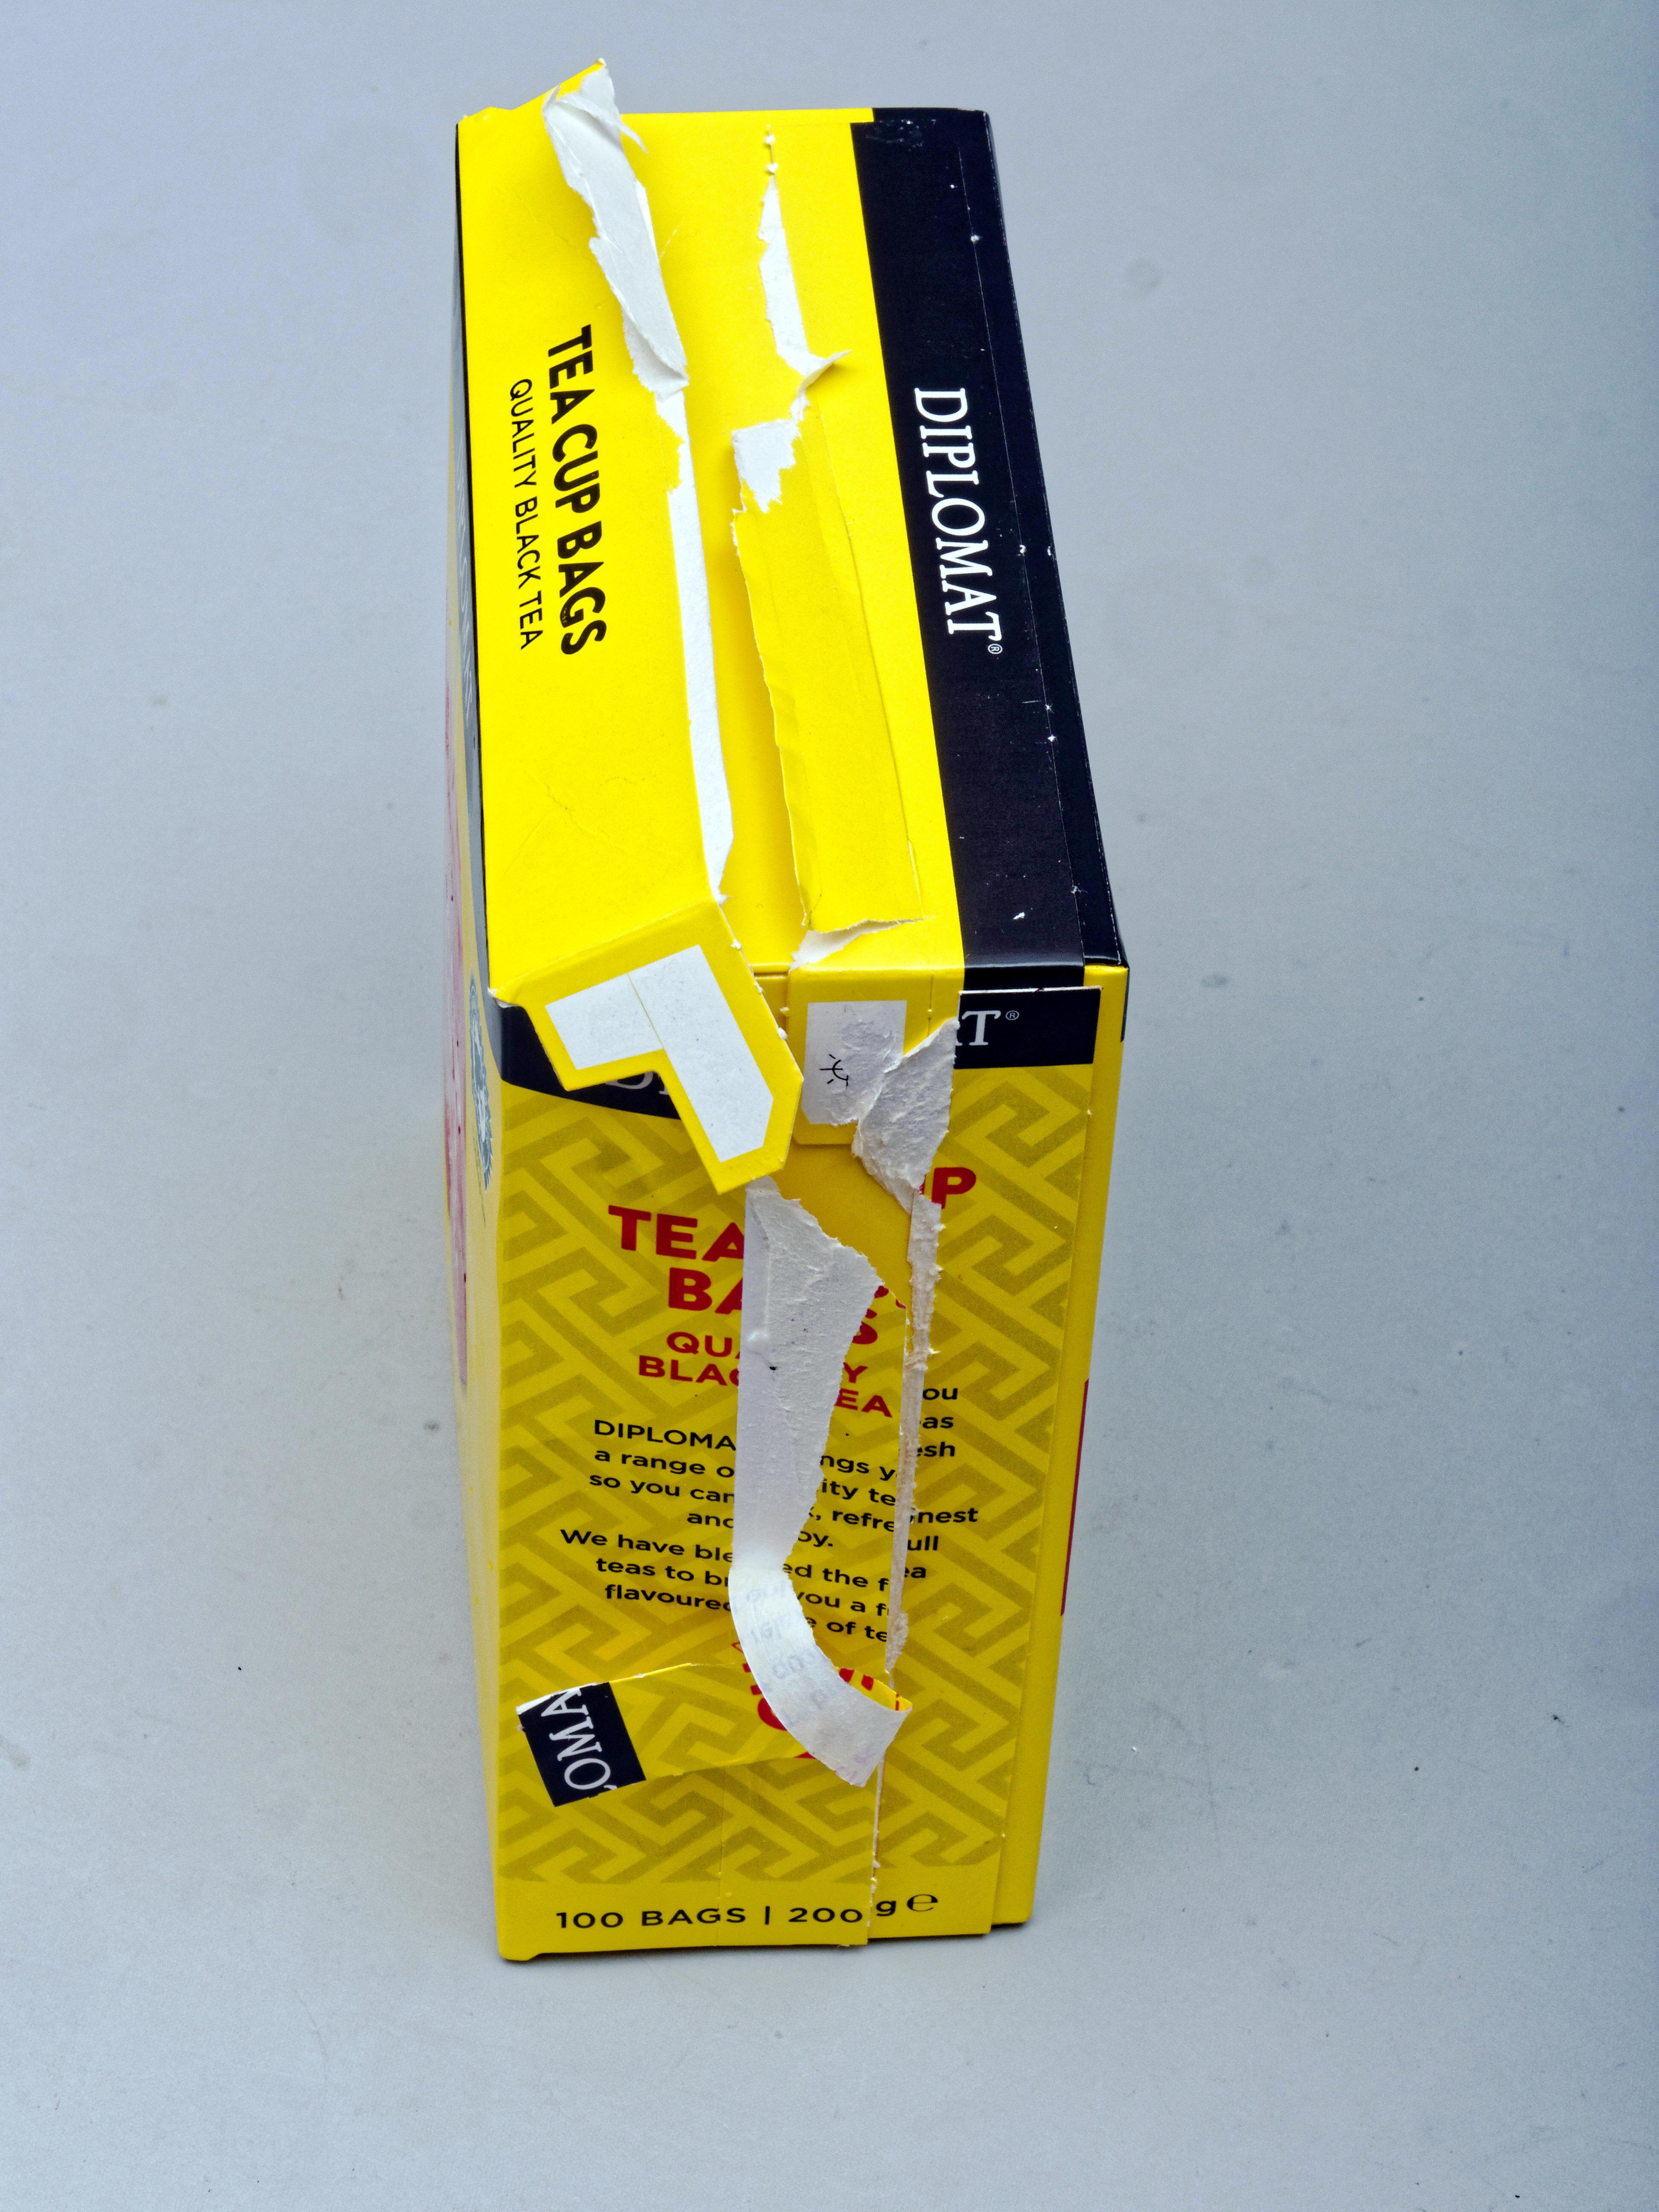 Tea-packaging-2.jpeg